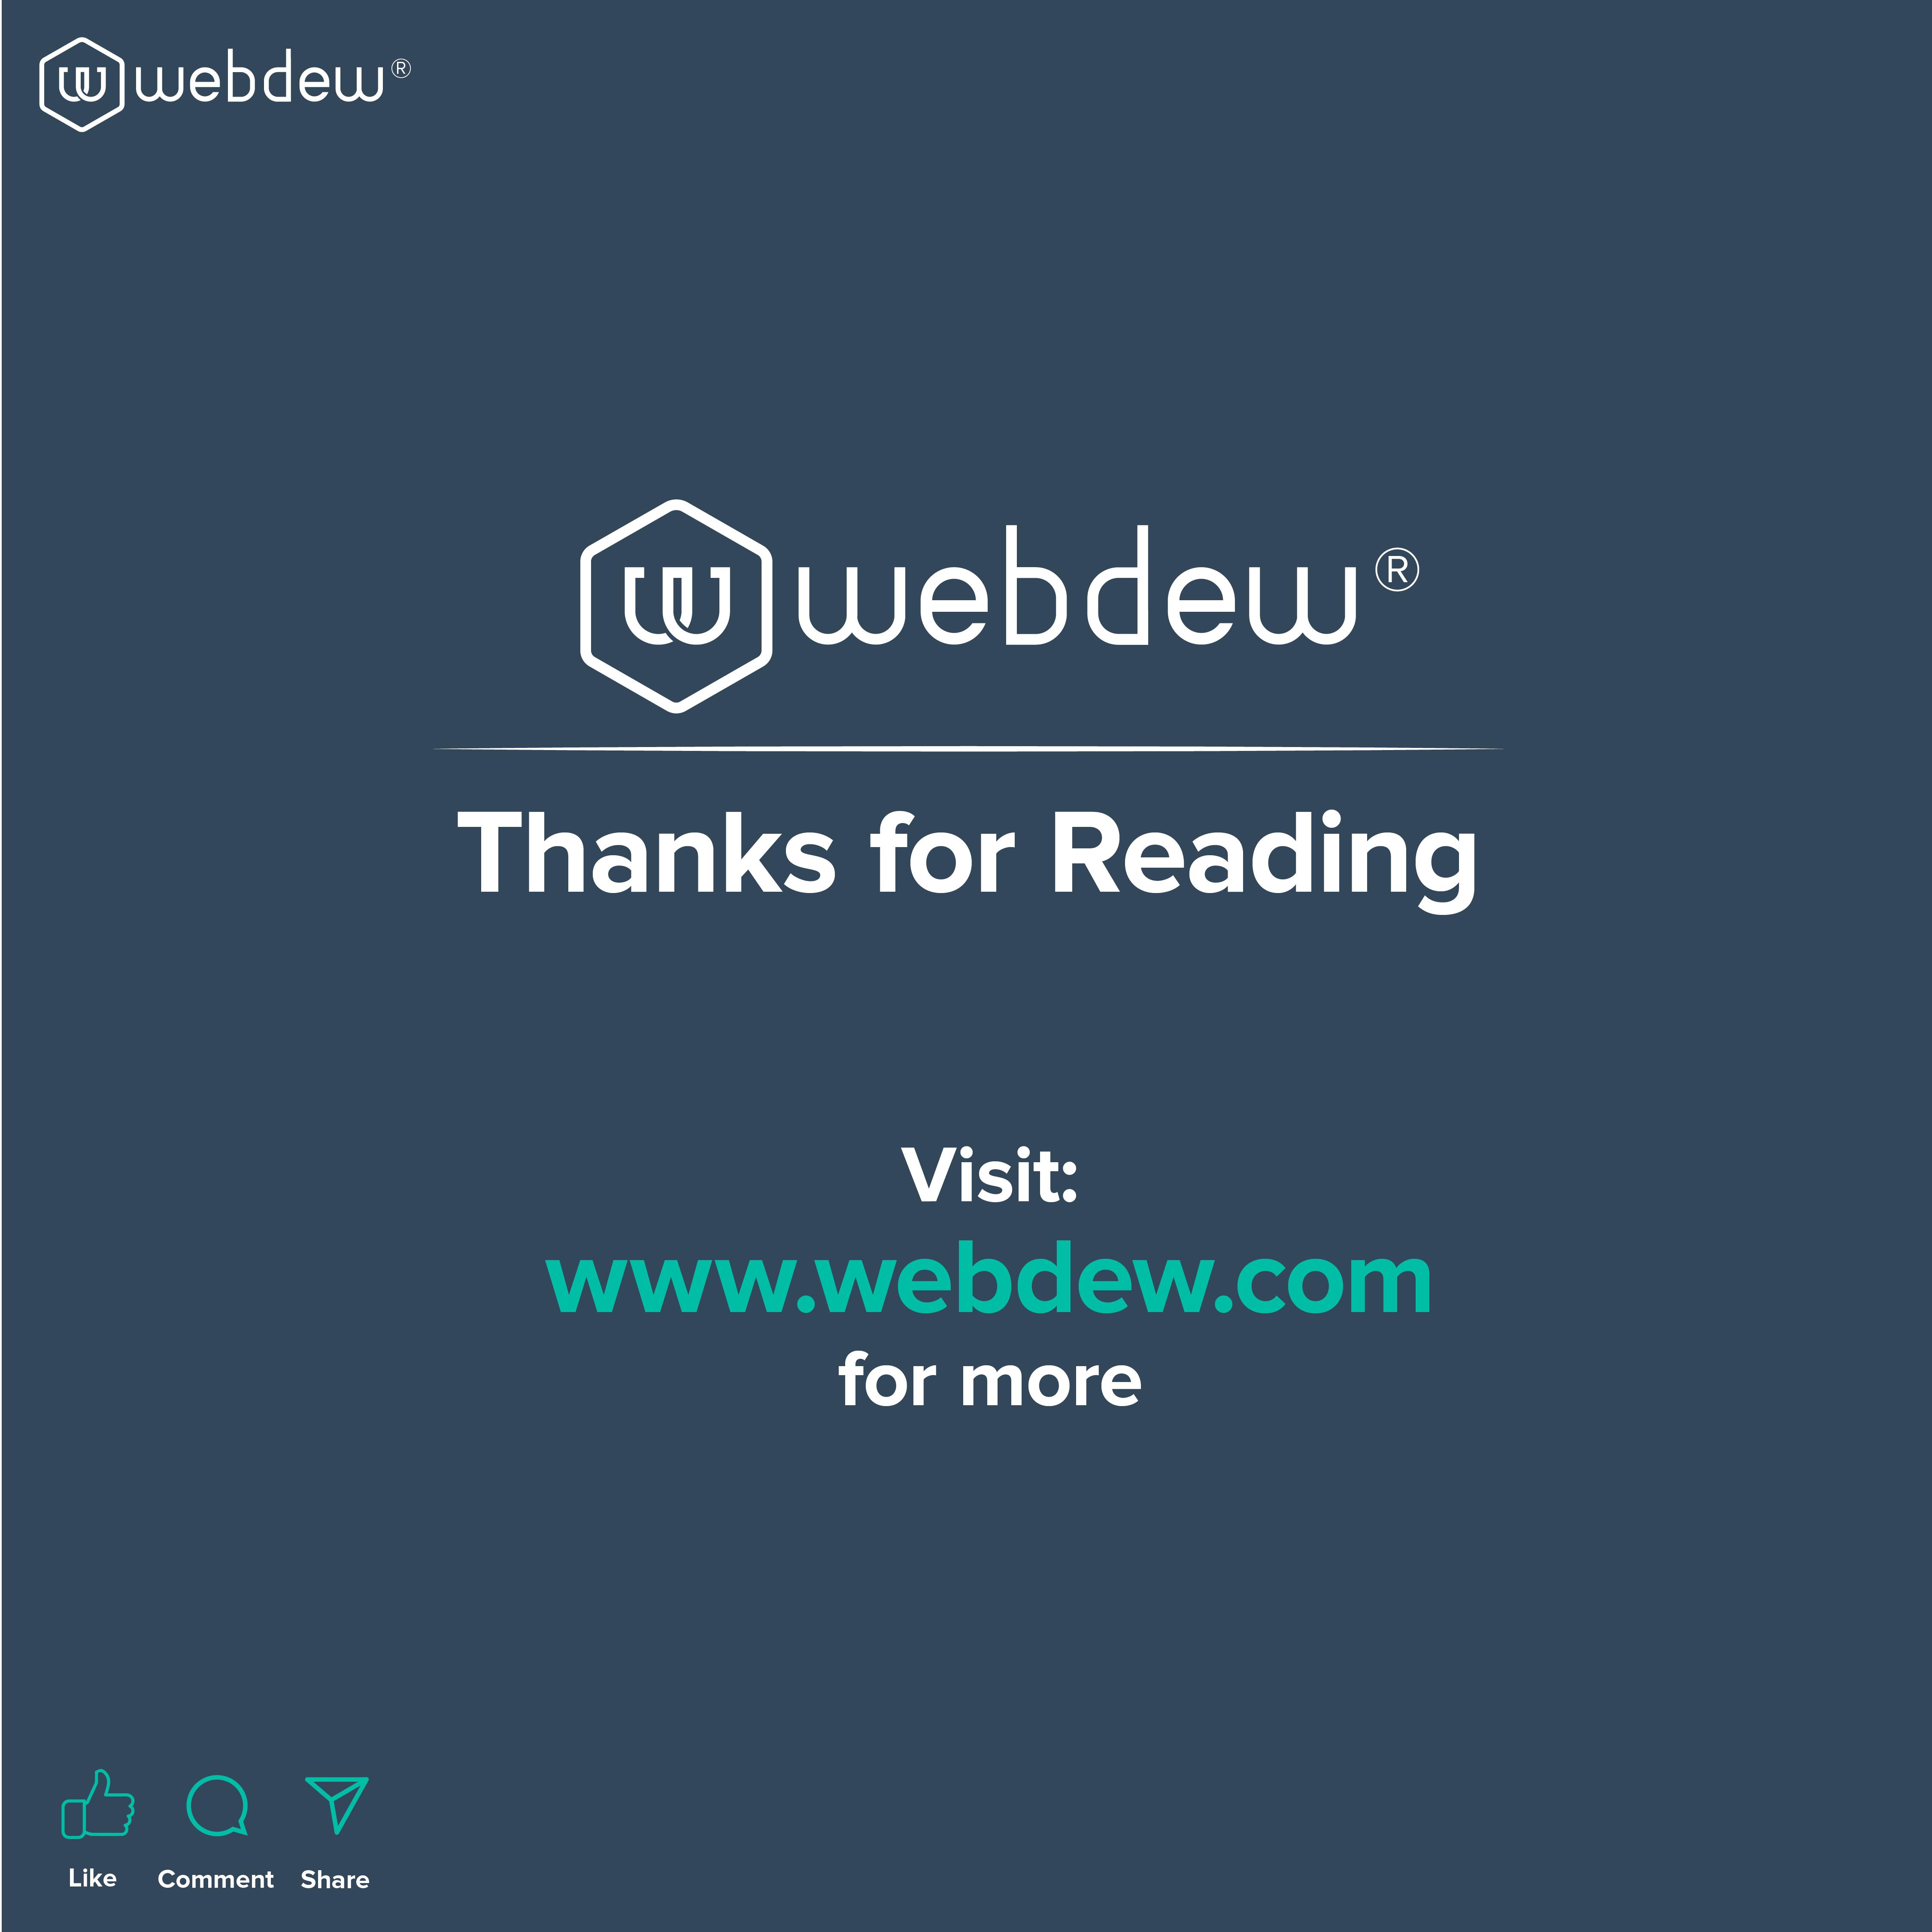 webdew-blog-thanks-for-reading